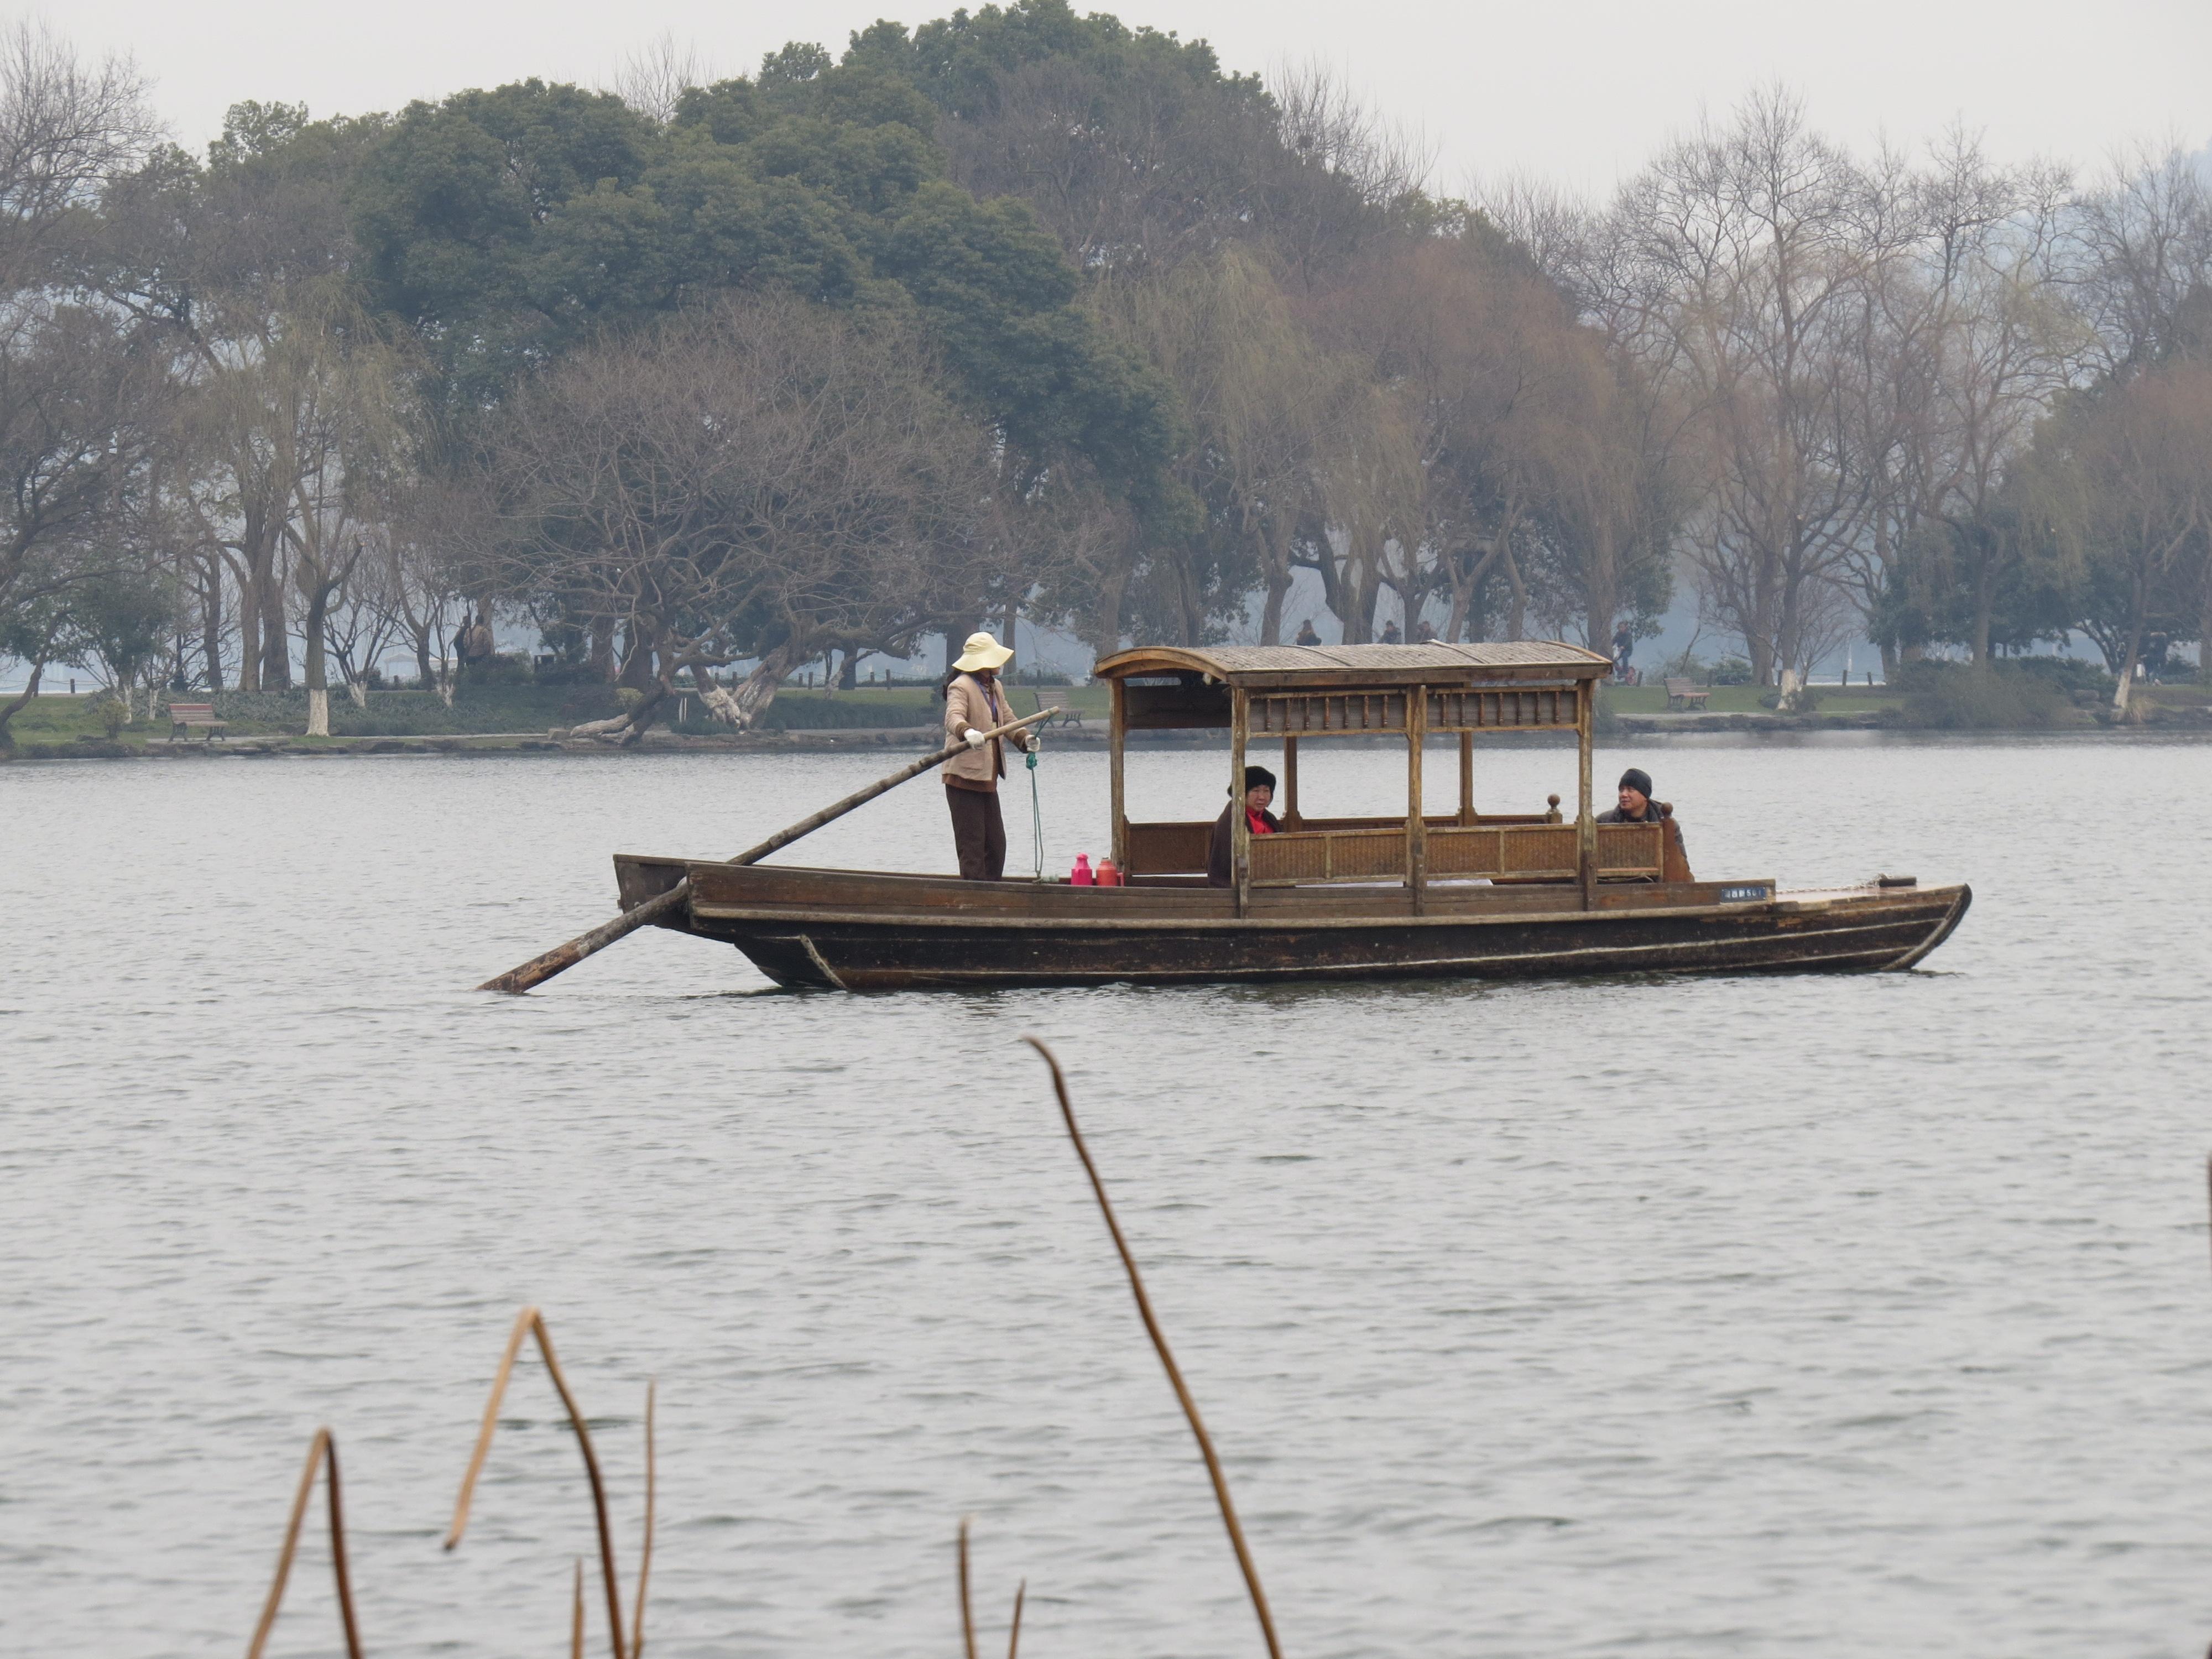 Między wieloma małymi wysepkami można pływać łodziami